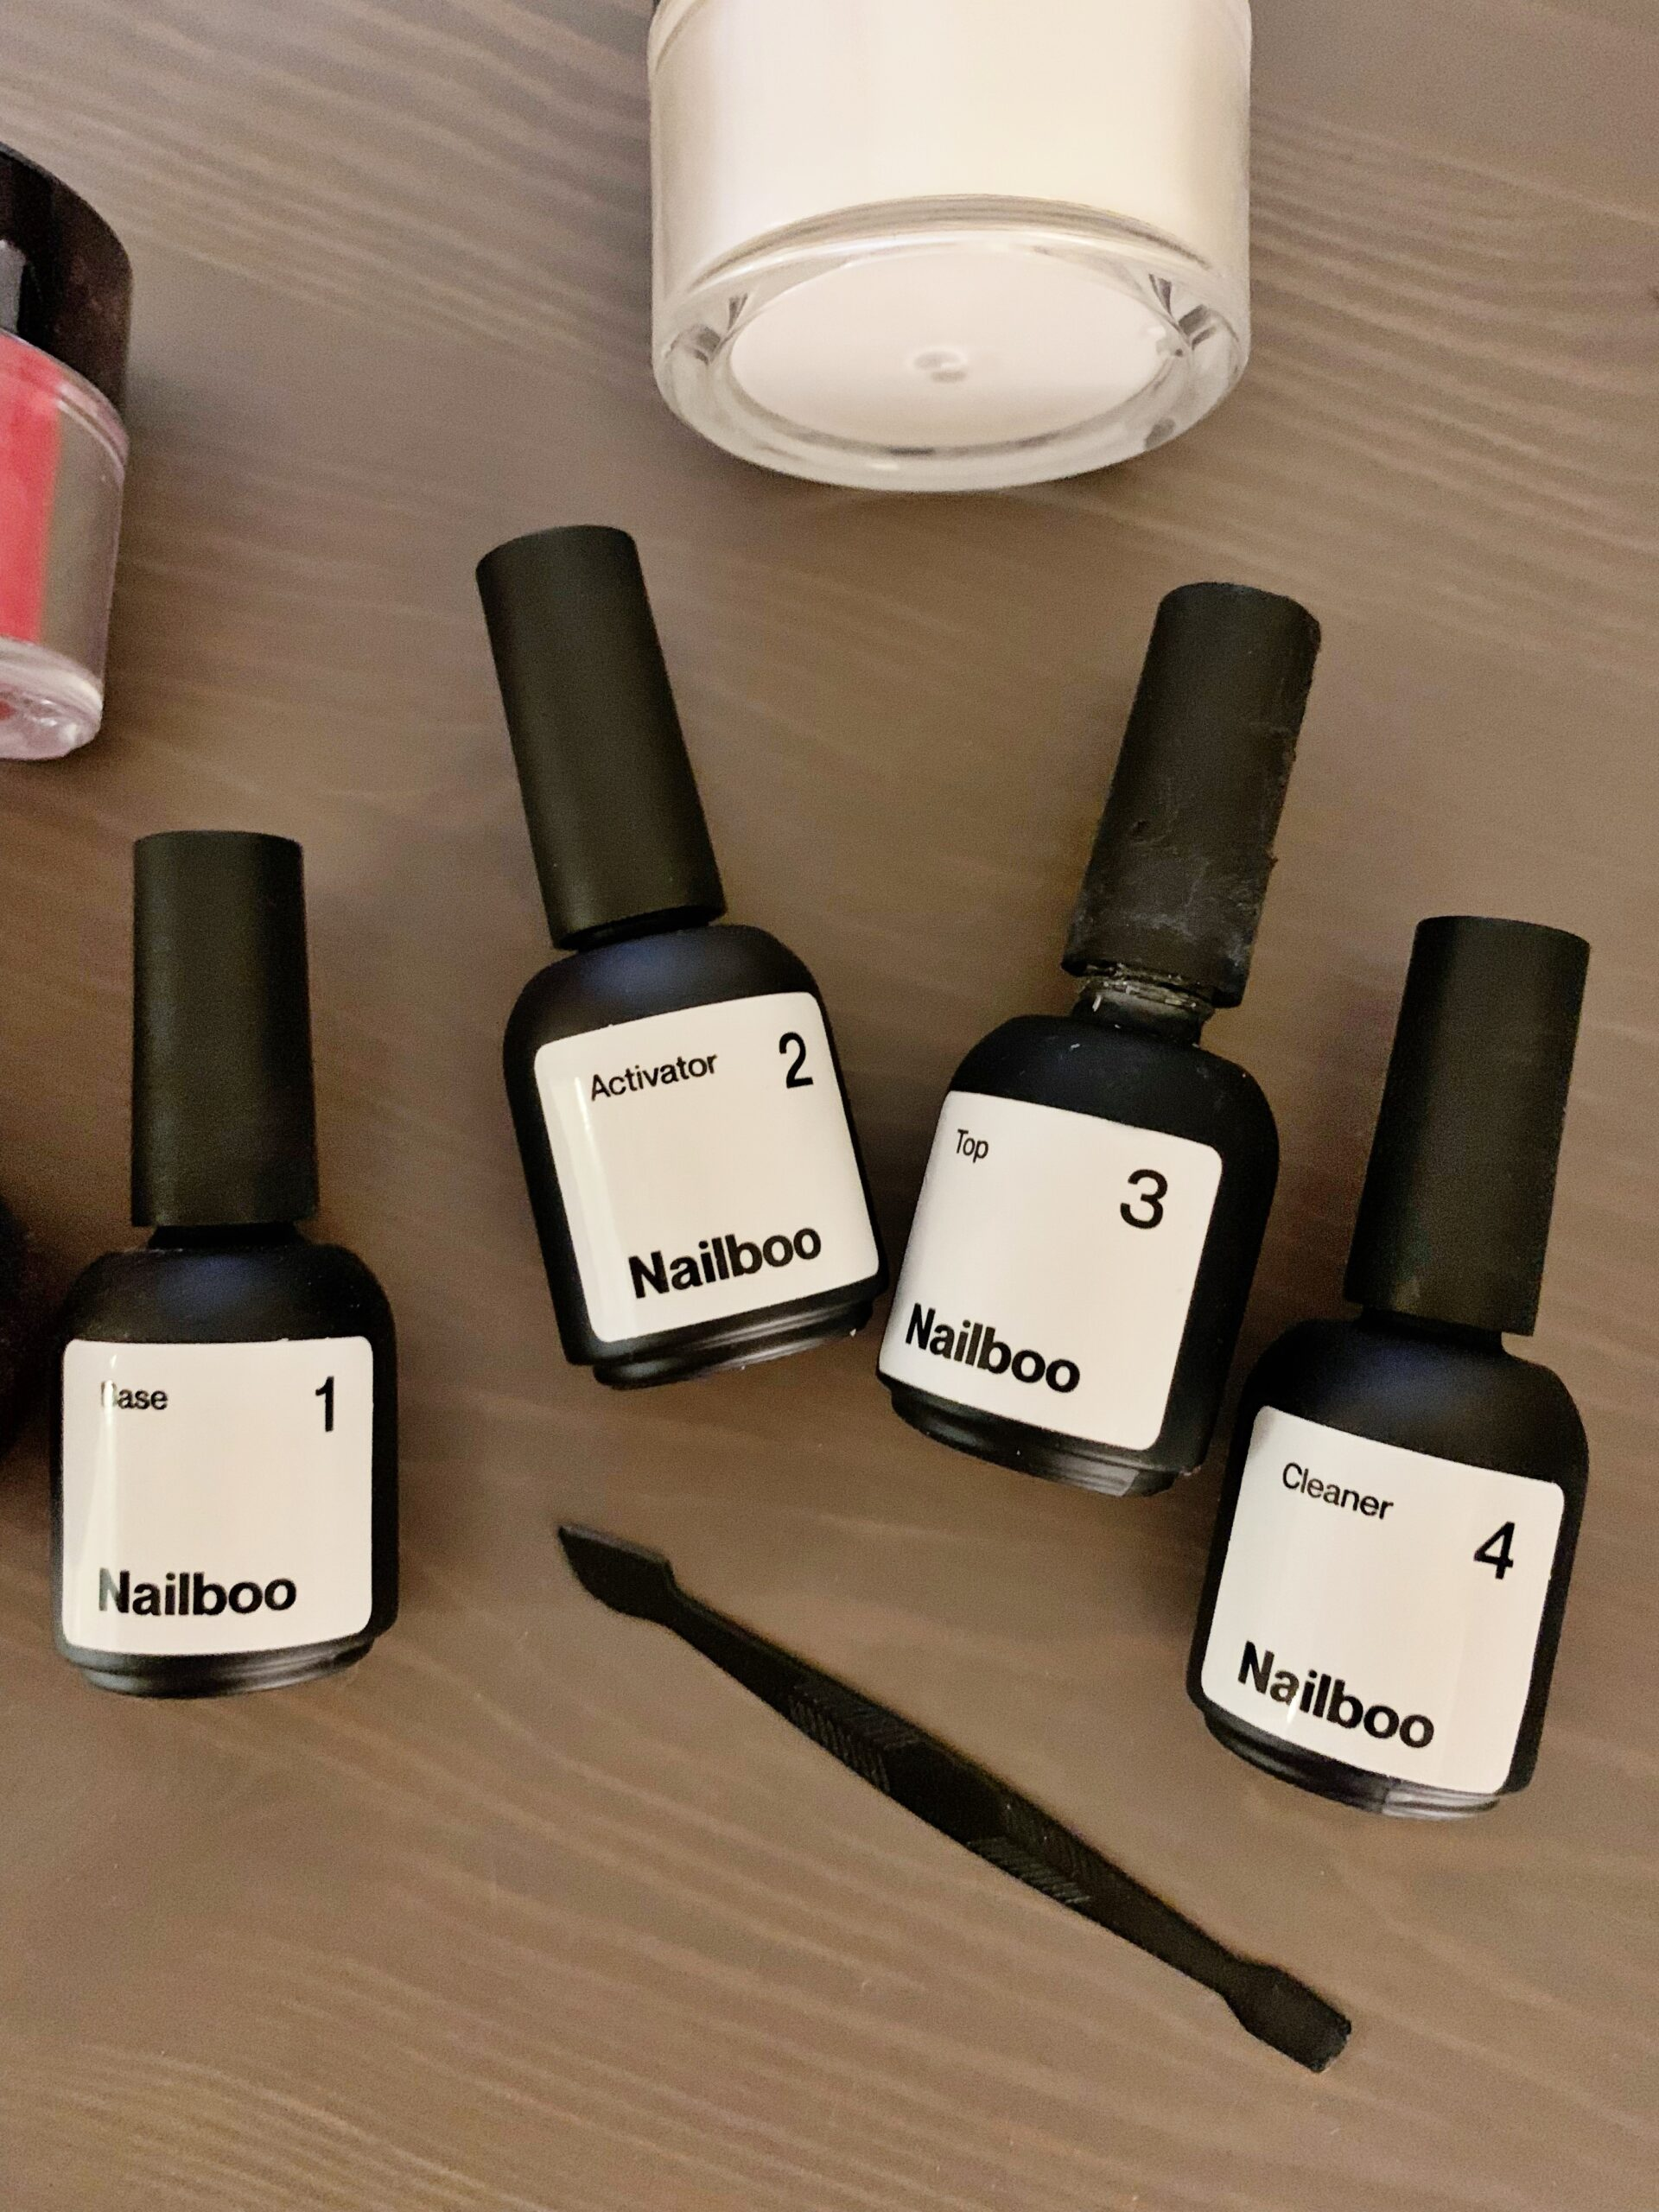 Nailboo Review: At Home Nail Dip Kit - Have you been considering doing dip nails at home? Today I'm sharing my full Nailboo review! | Nailboo Review | Nailboo Dip Kit | Nailboo Reviews | At Home Dip Kit